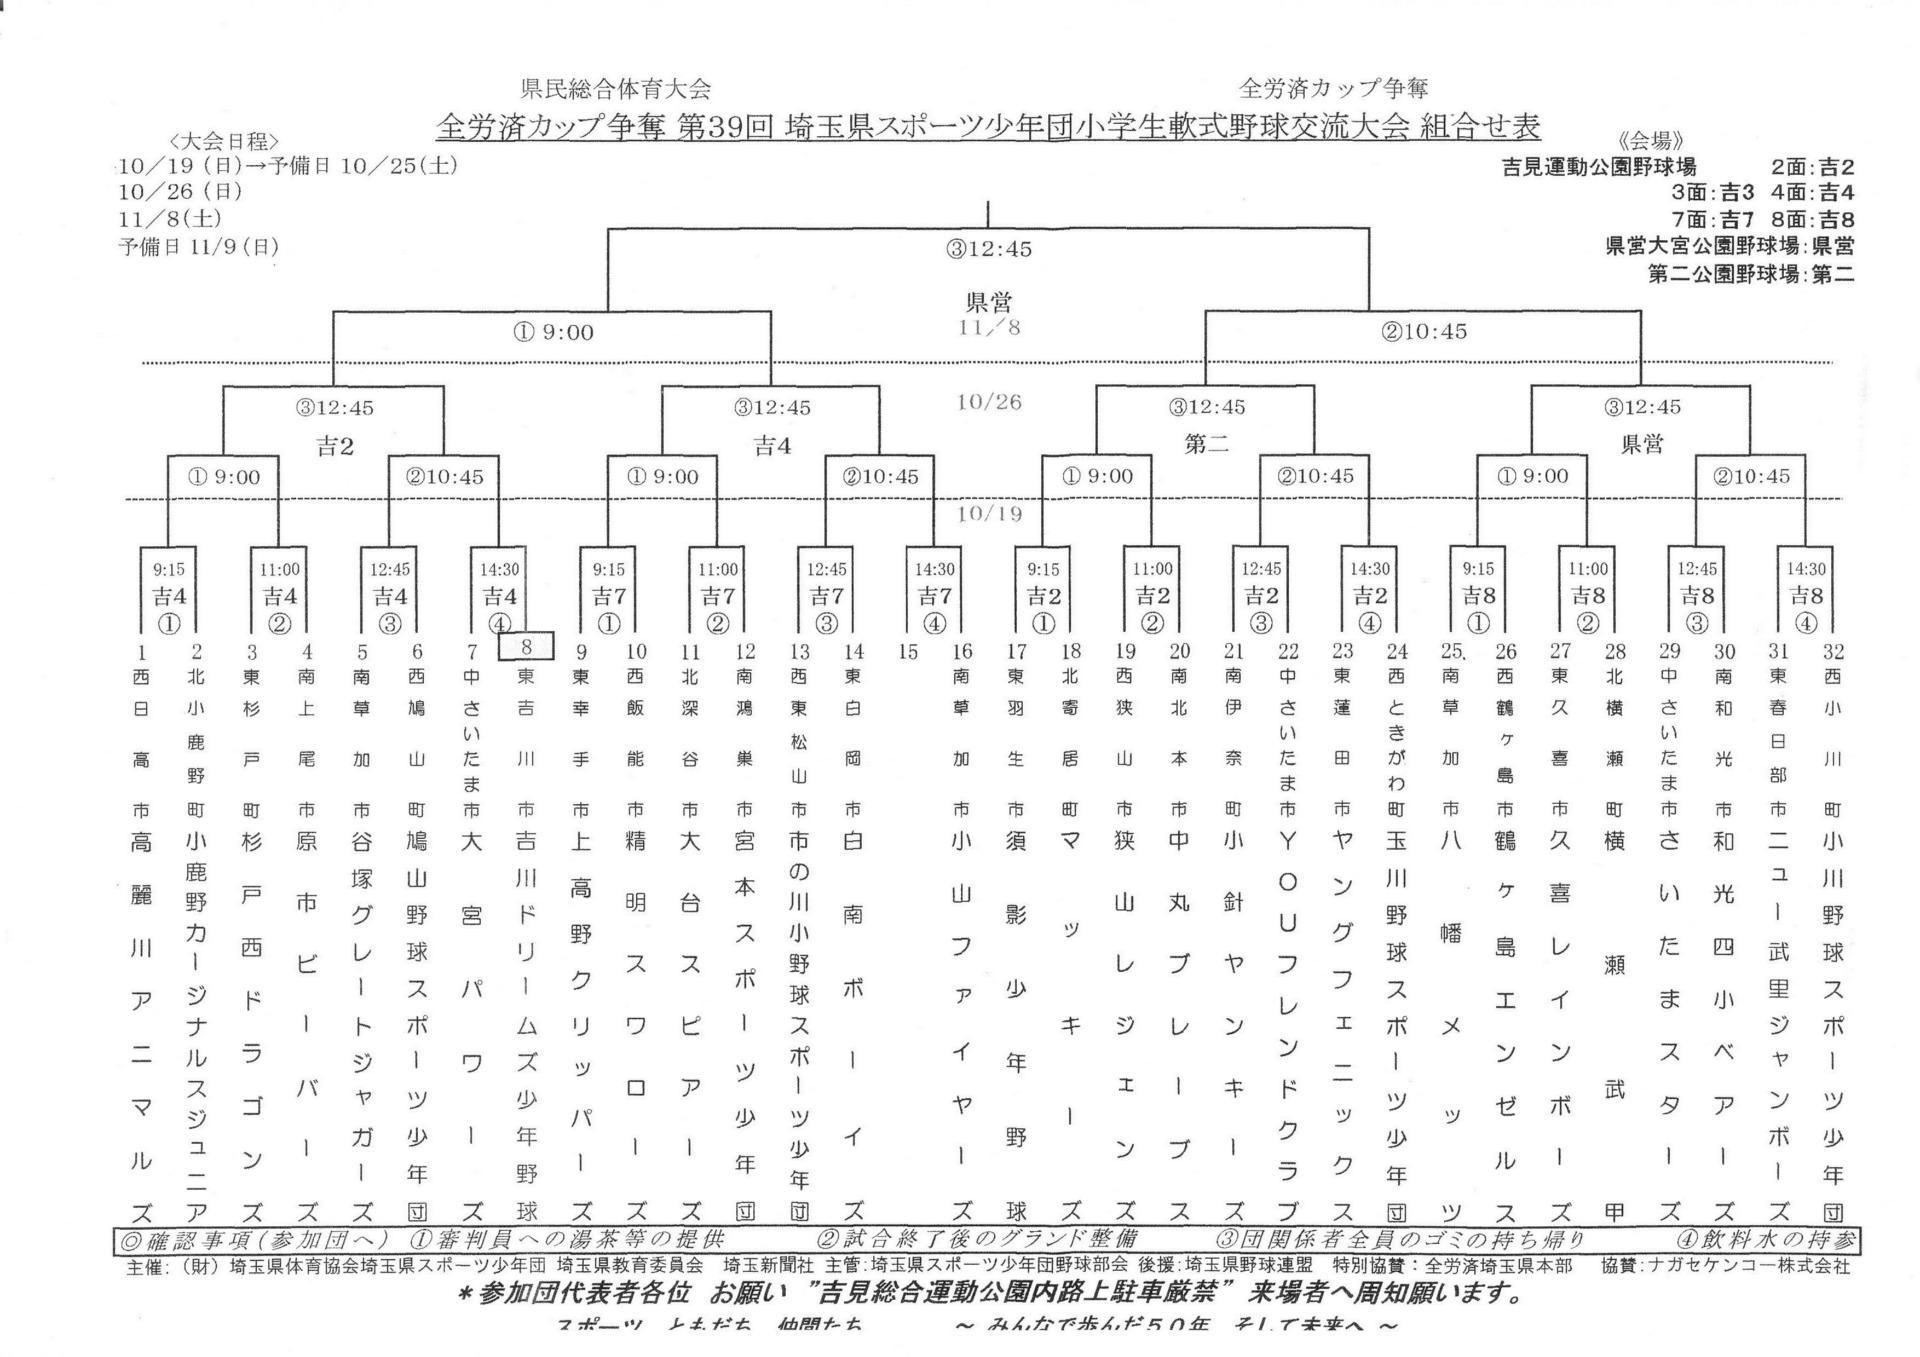 連盟 軟式 埼玉 県 野球 全国大会一覧